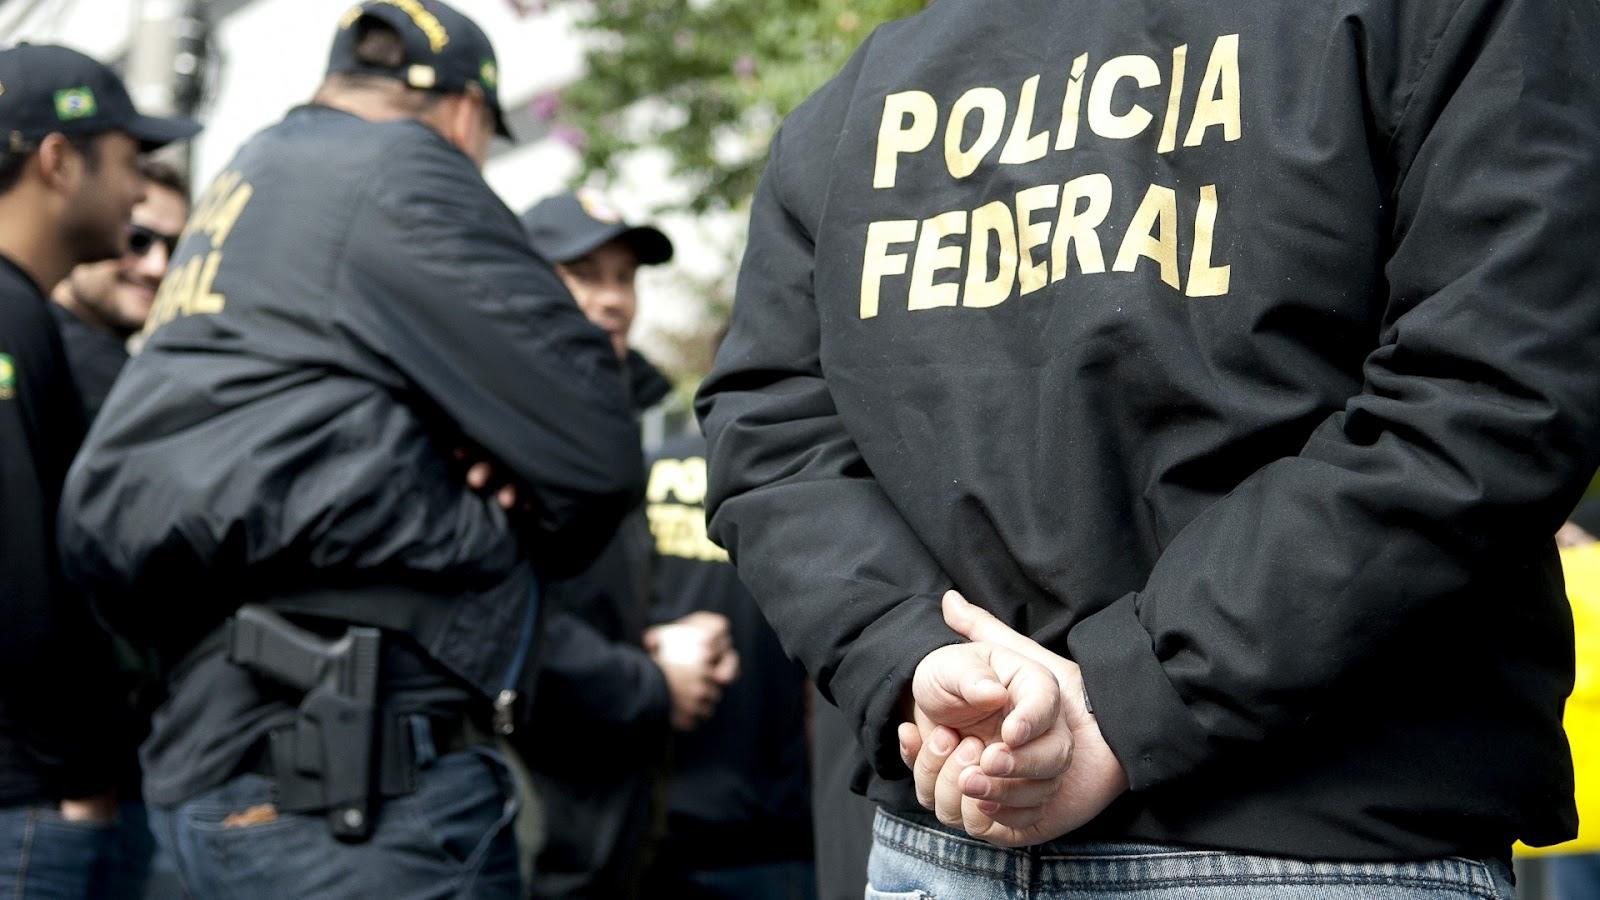 Polícia Federal: Publicada a MP que Reajusta o Subsídio dos Cargos de Agente, Escrivão e Papiloscopista